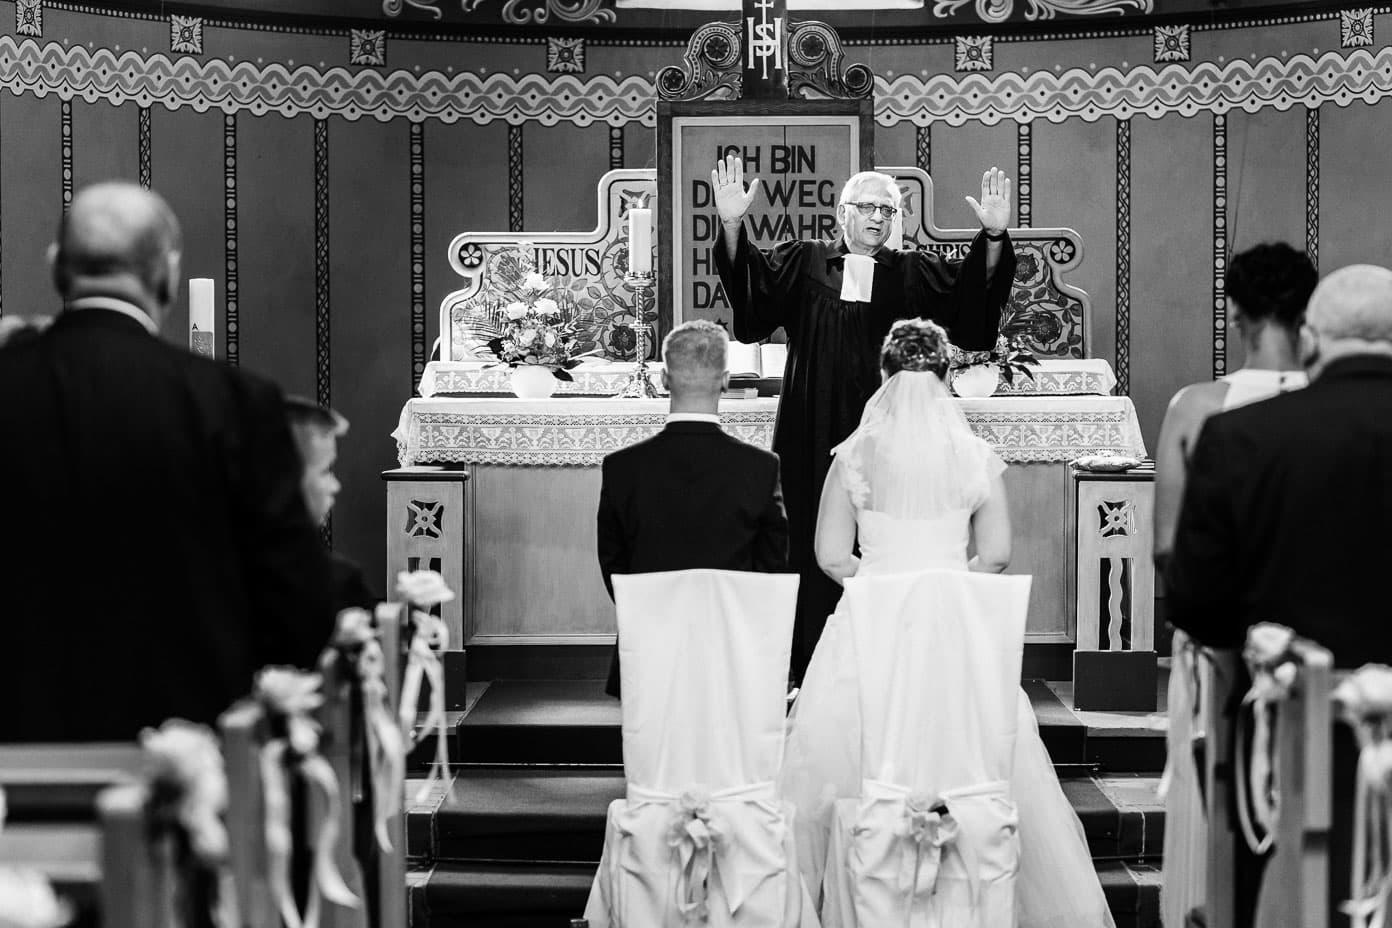 Hochzeit - Trauung in der Kirche